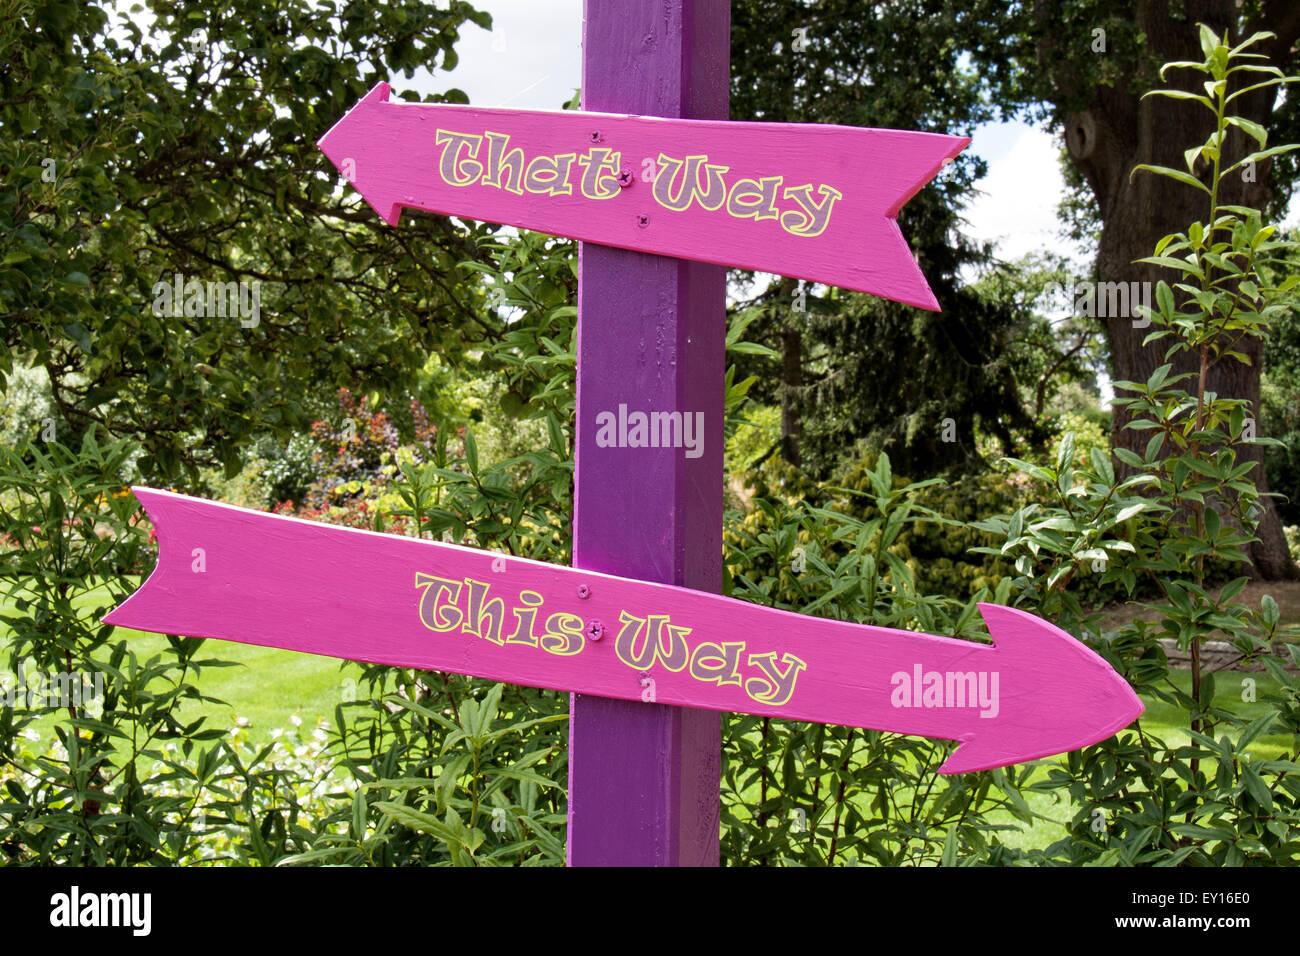 Un amusant et déroutant signe de cette façon et de cette façon - faites votre choix! Photo Stock